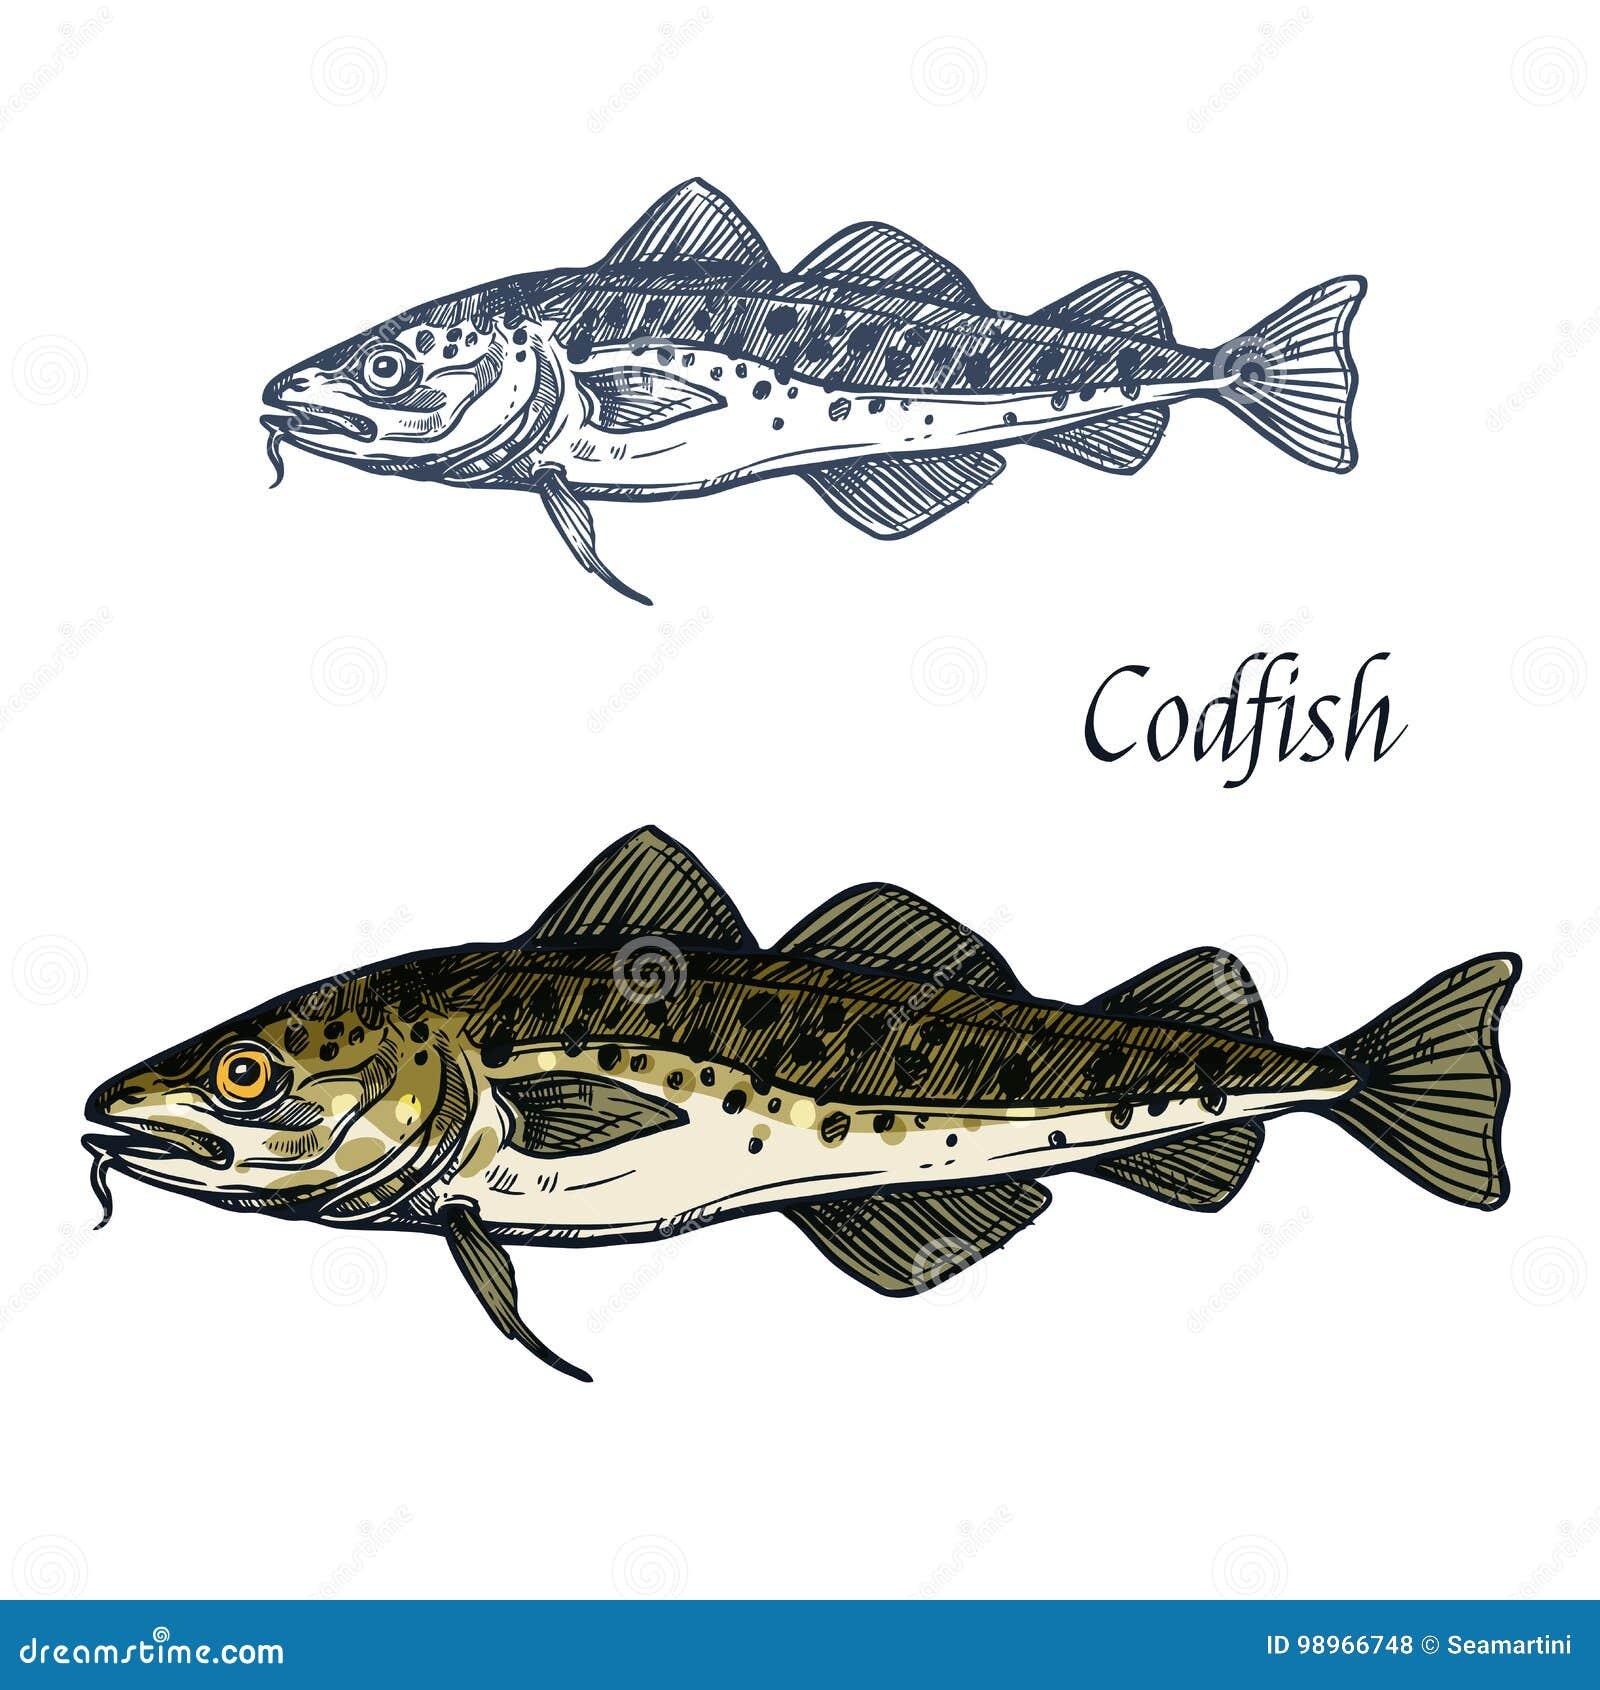 Cod fish vector sketch icon